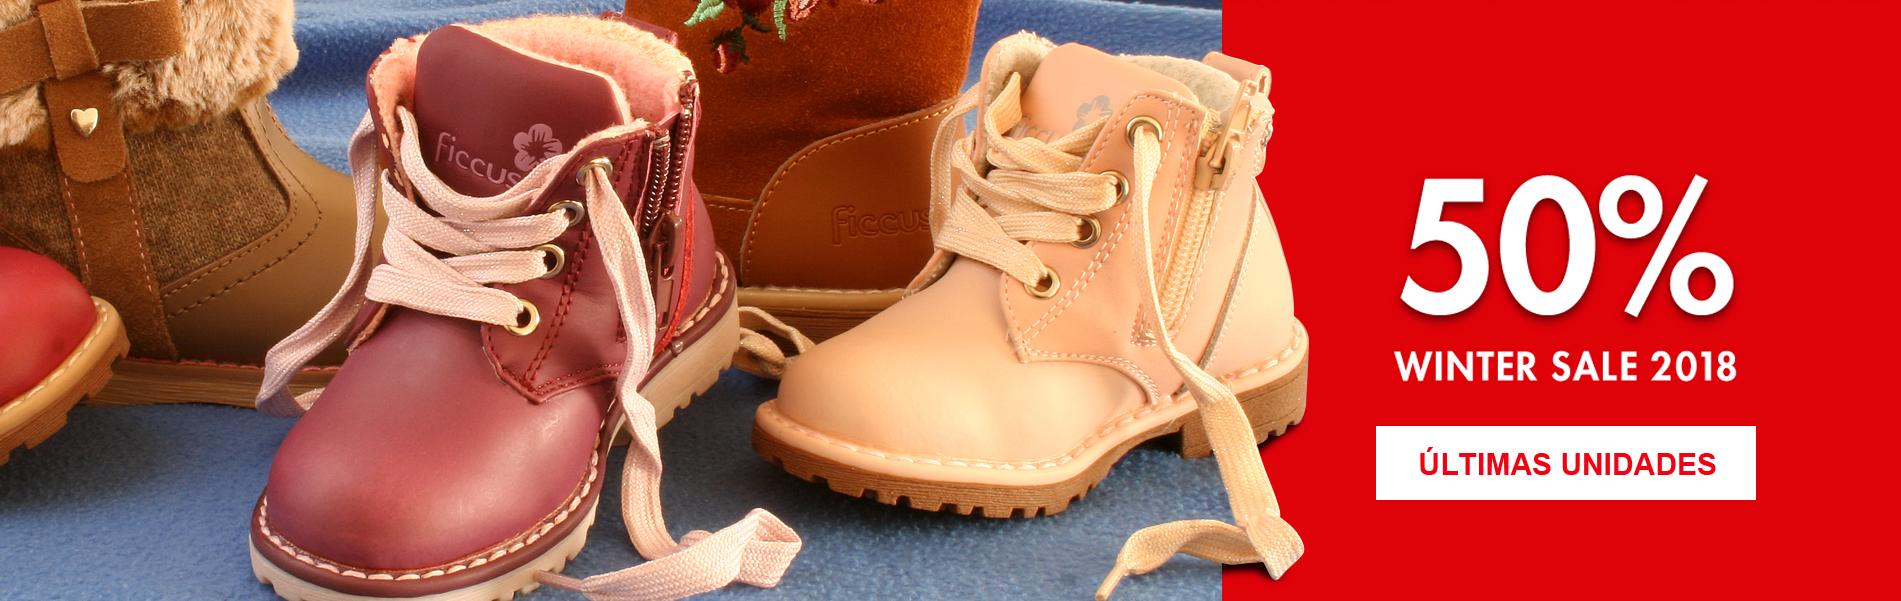 2x1 calzado